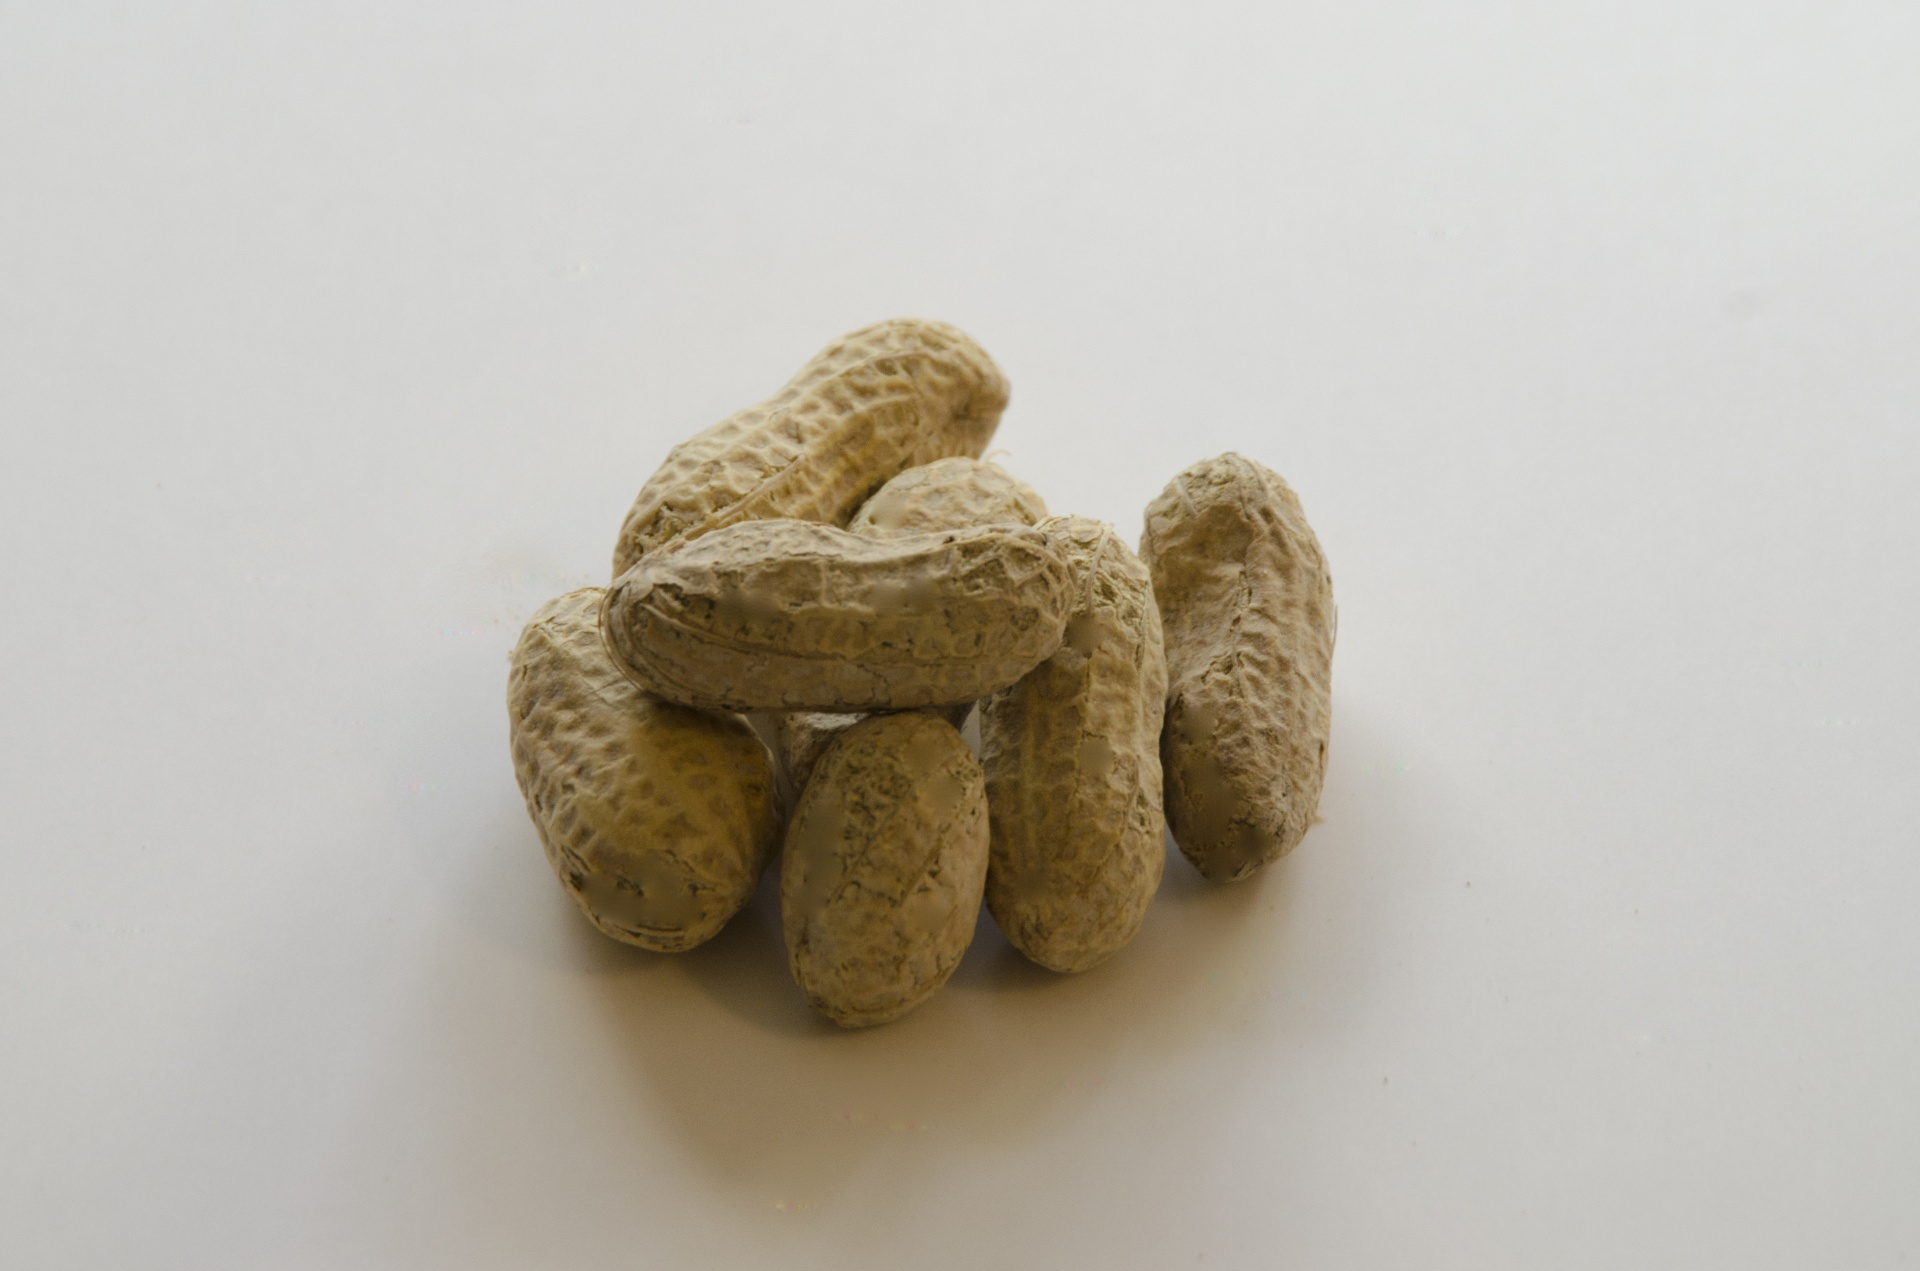 Трафаретные прикольные, смешные картинки арахиса